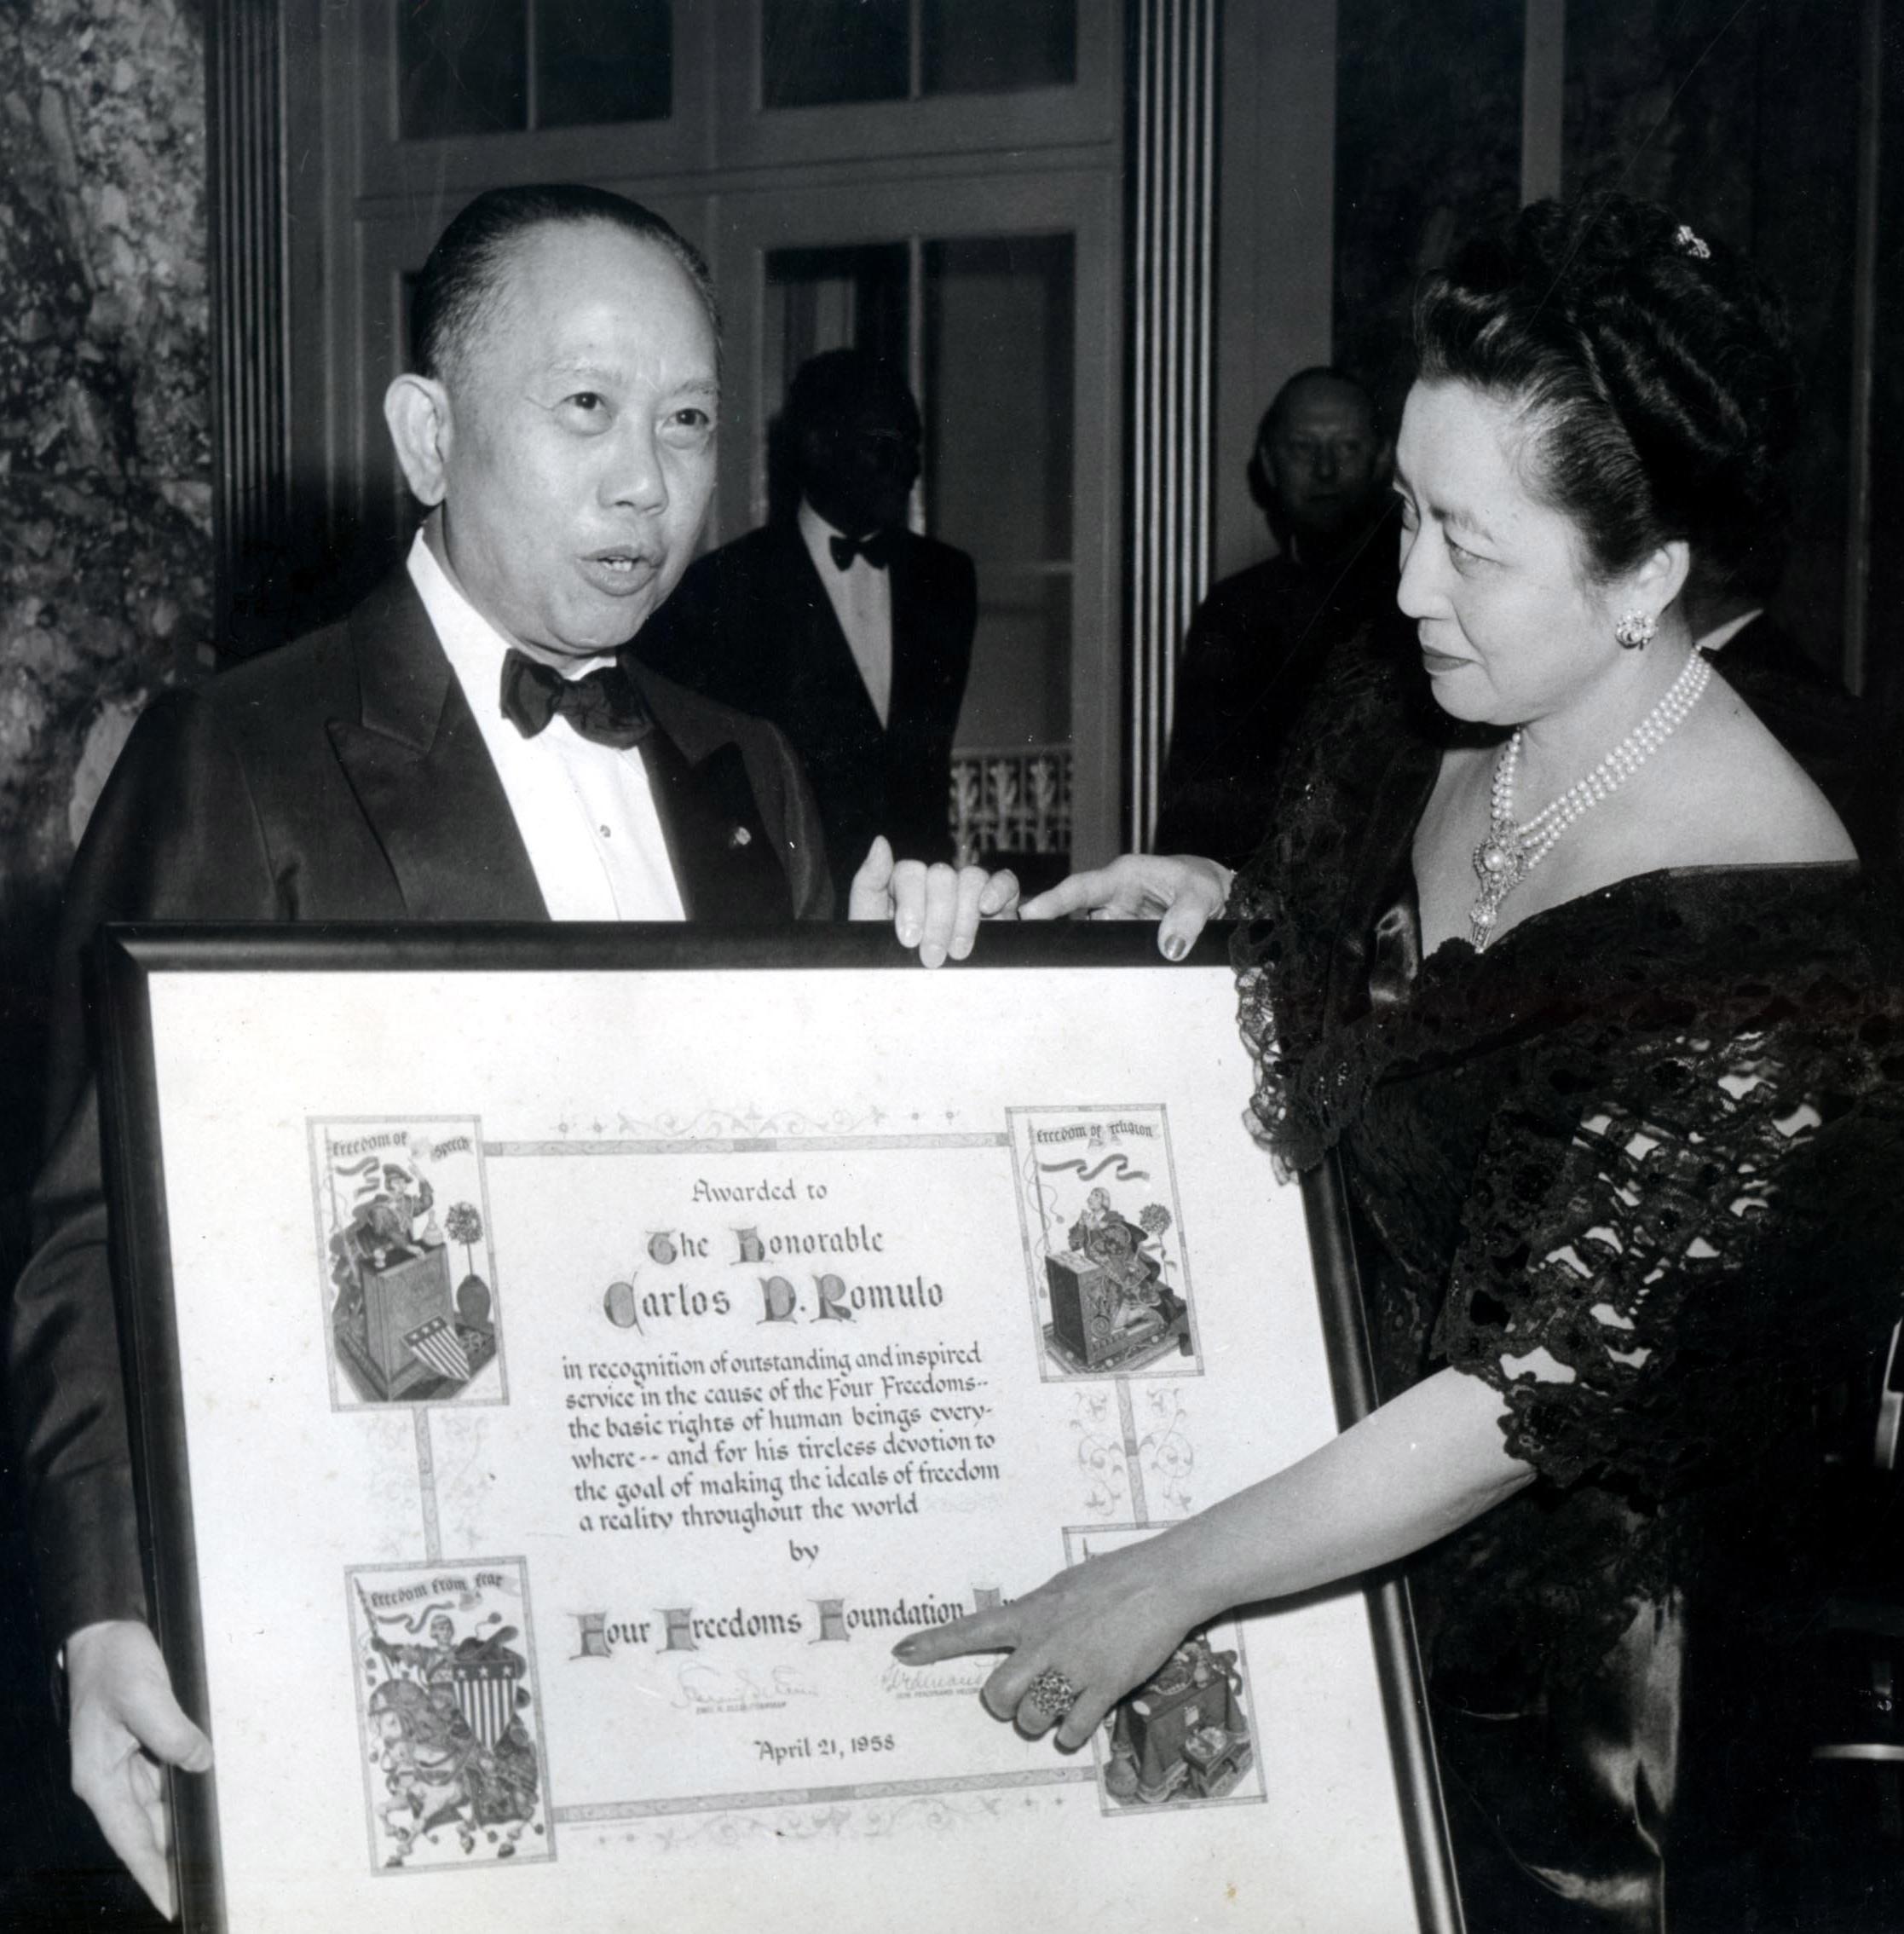 Four Freedoms Award